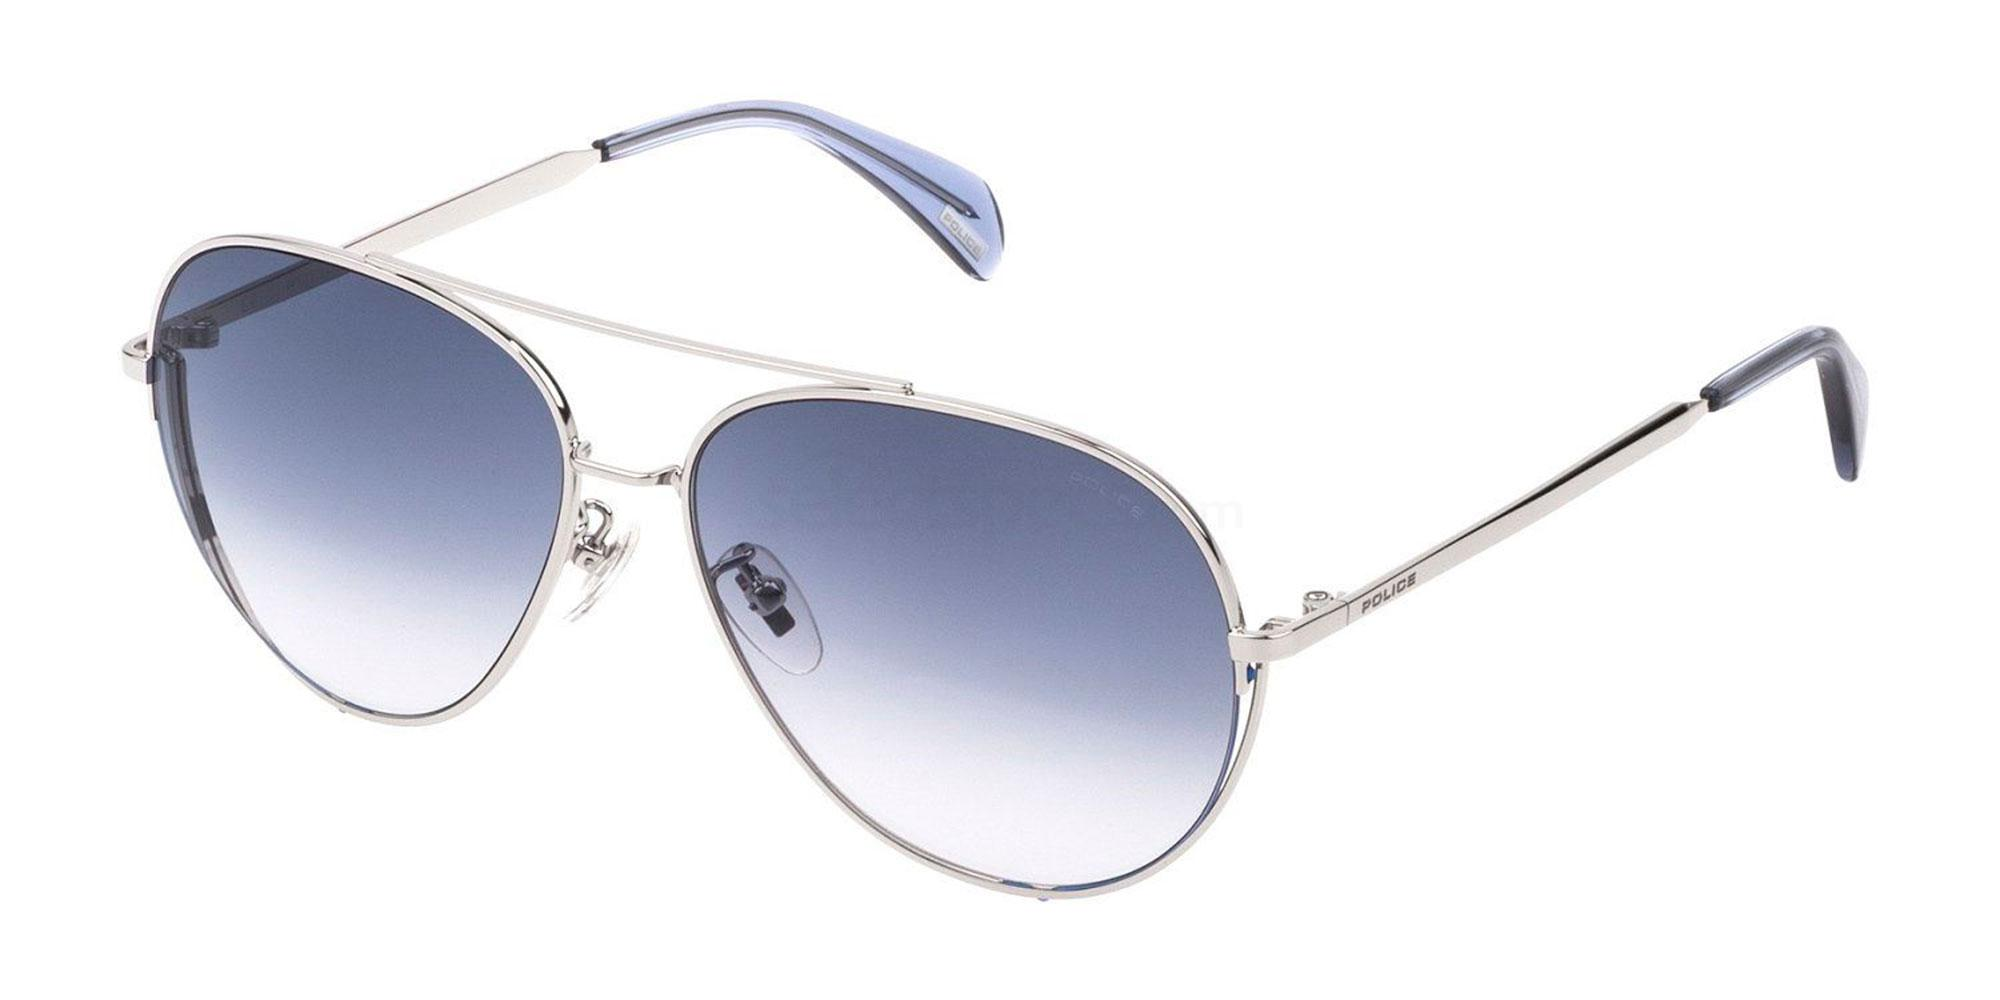 0579 SPL835 Sunglasses, Police